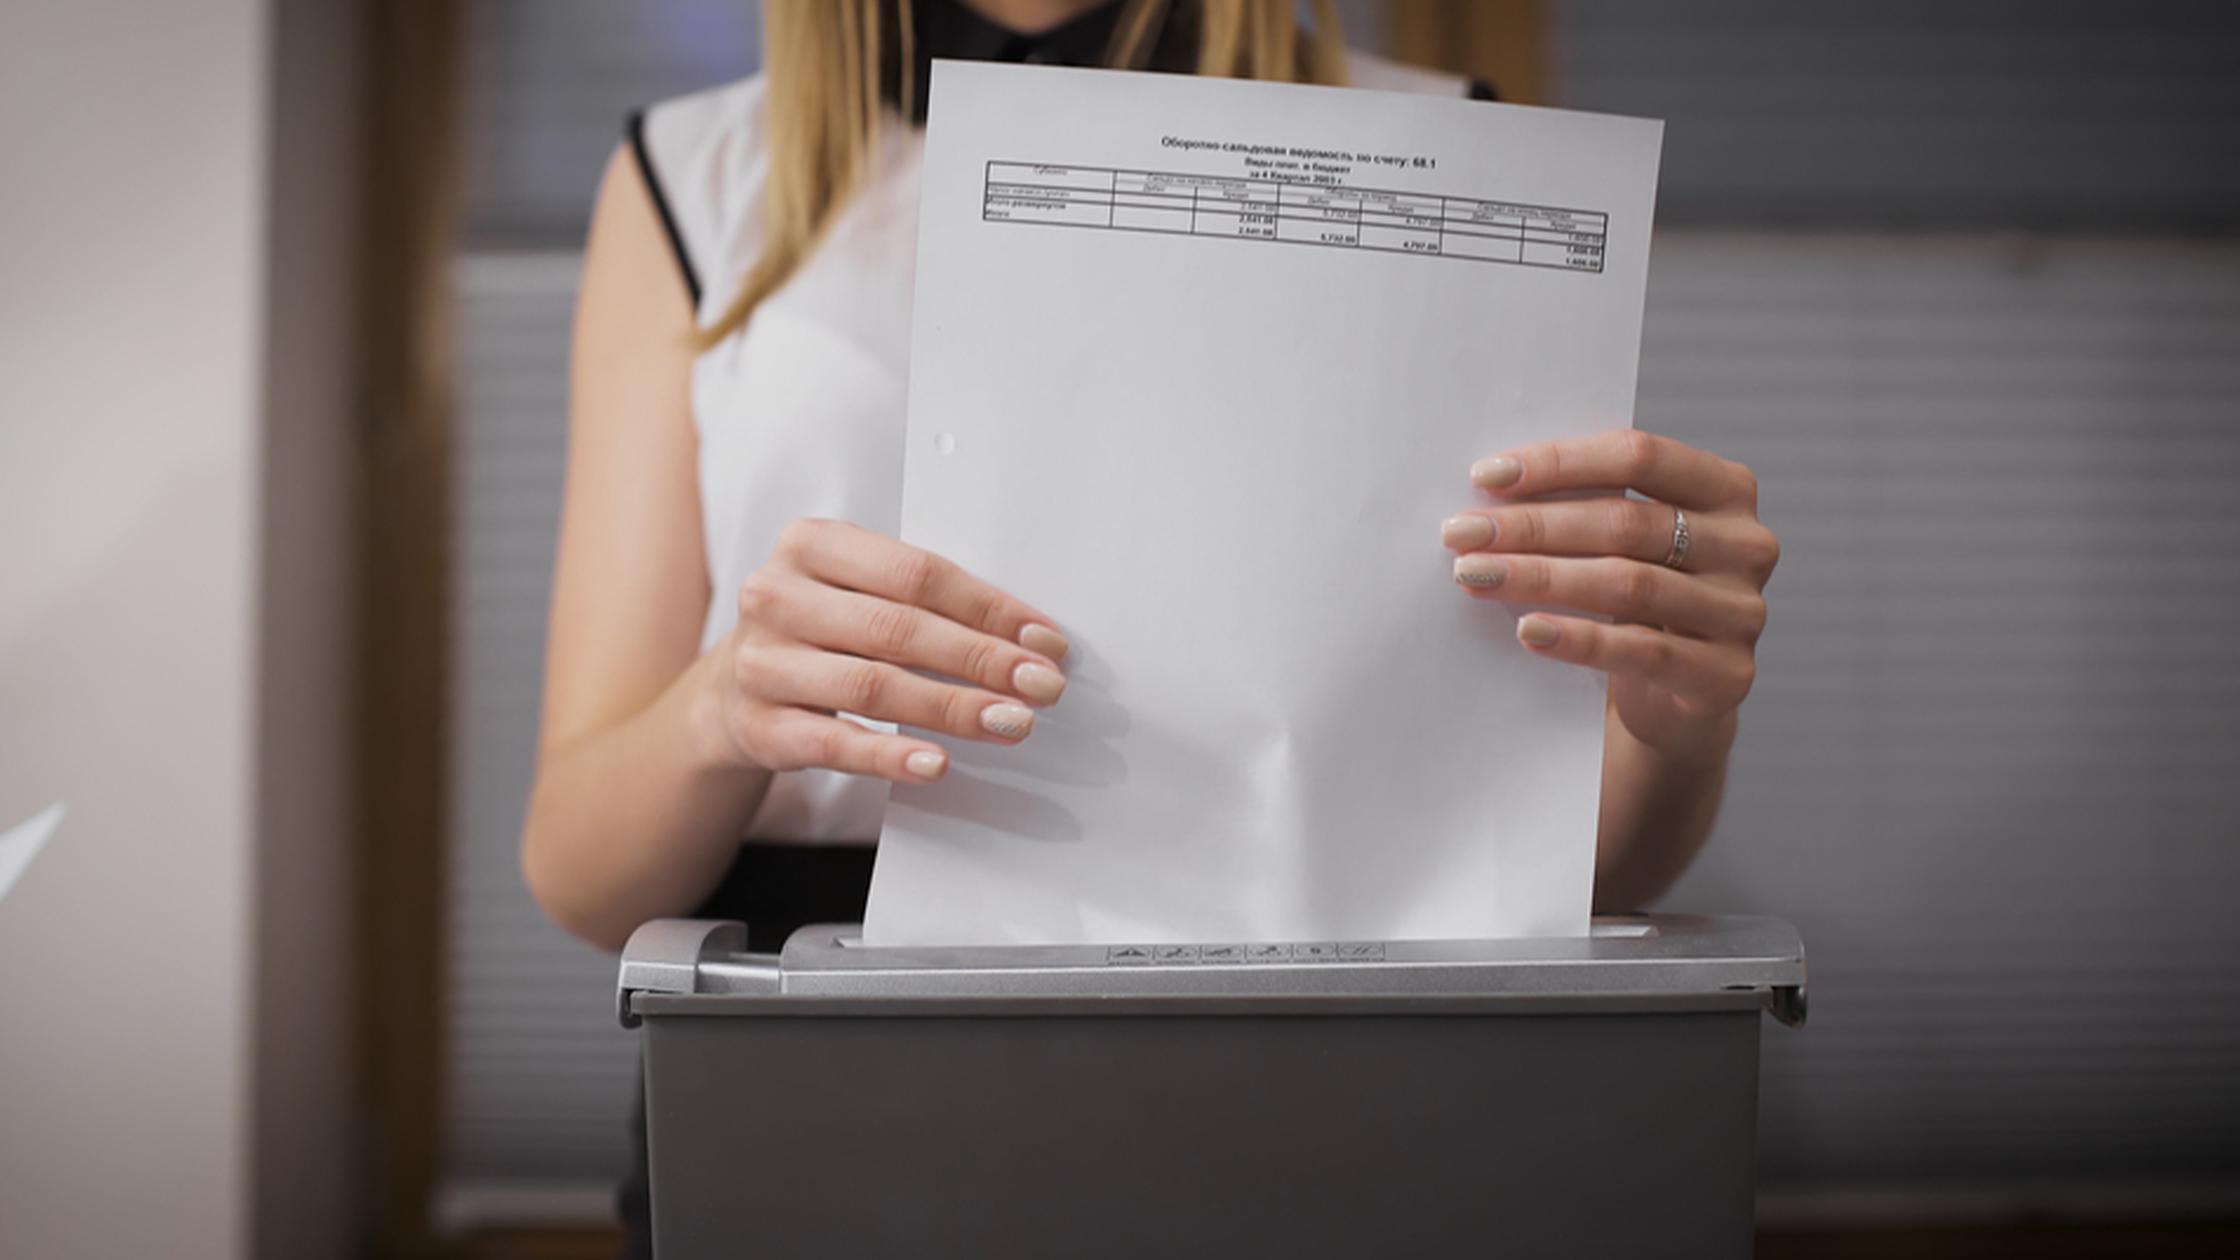 Entenda como descartar documentos digitalizados com segurança